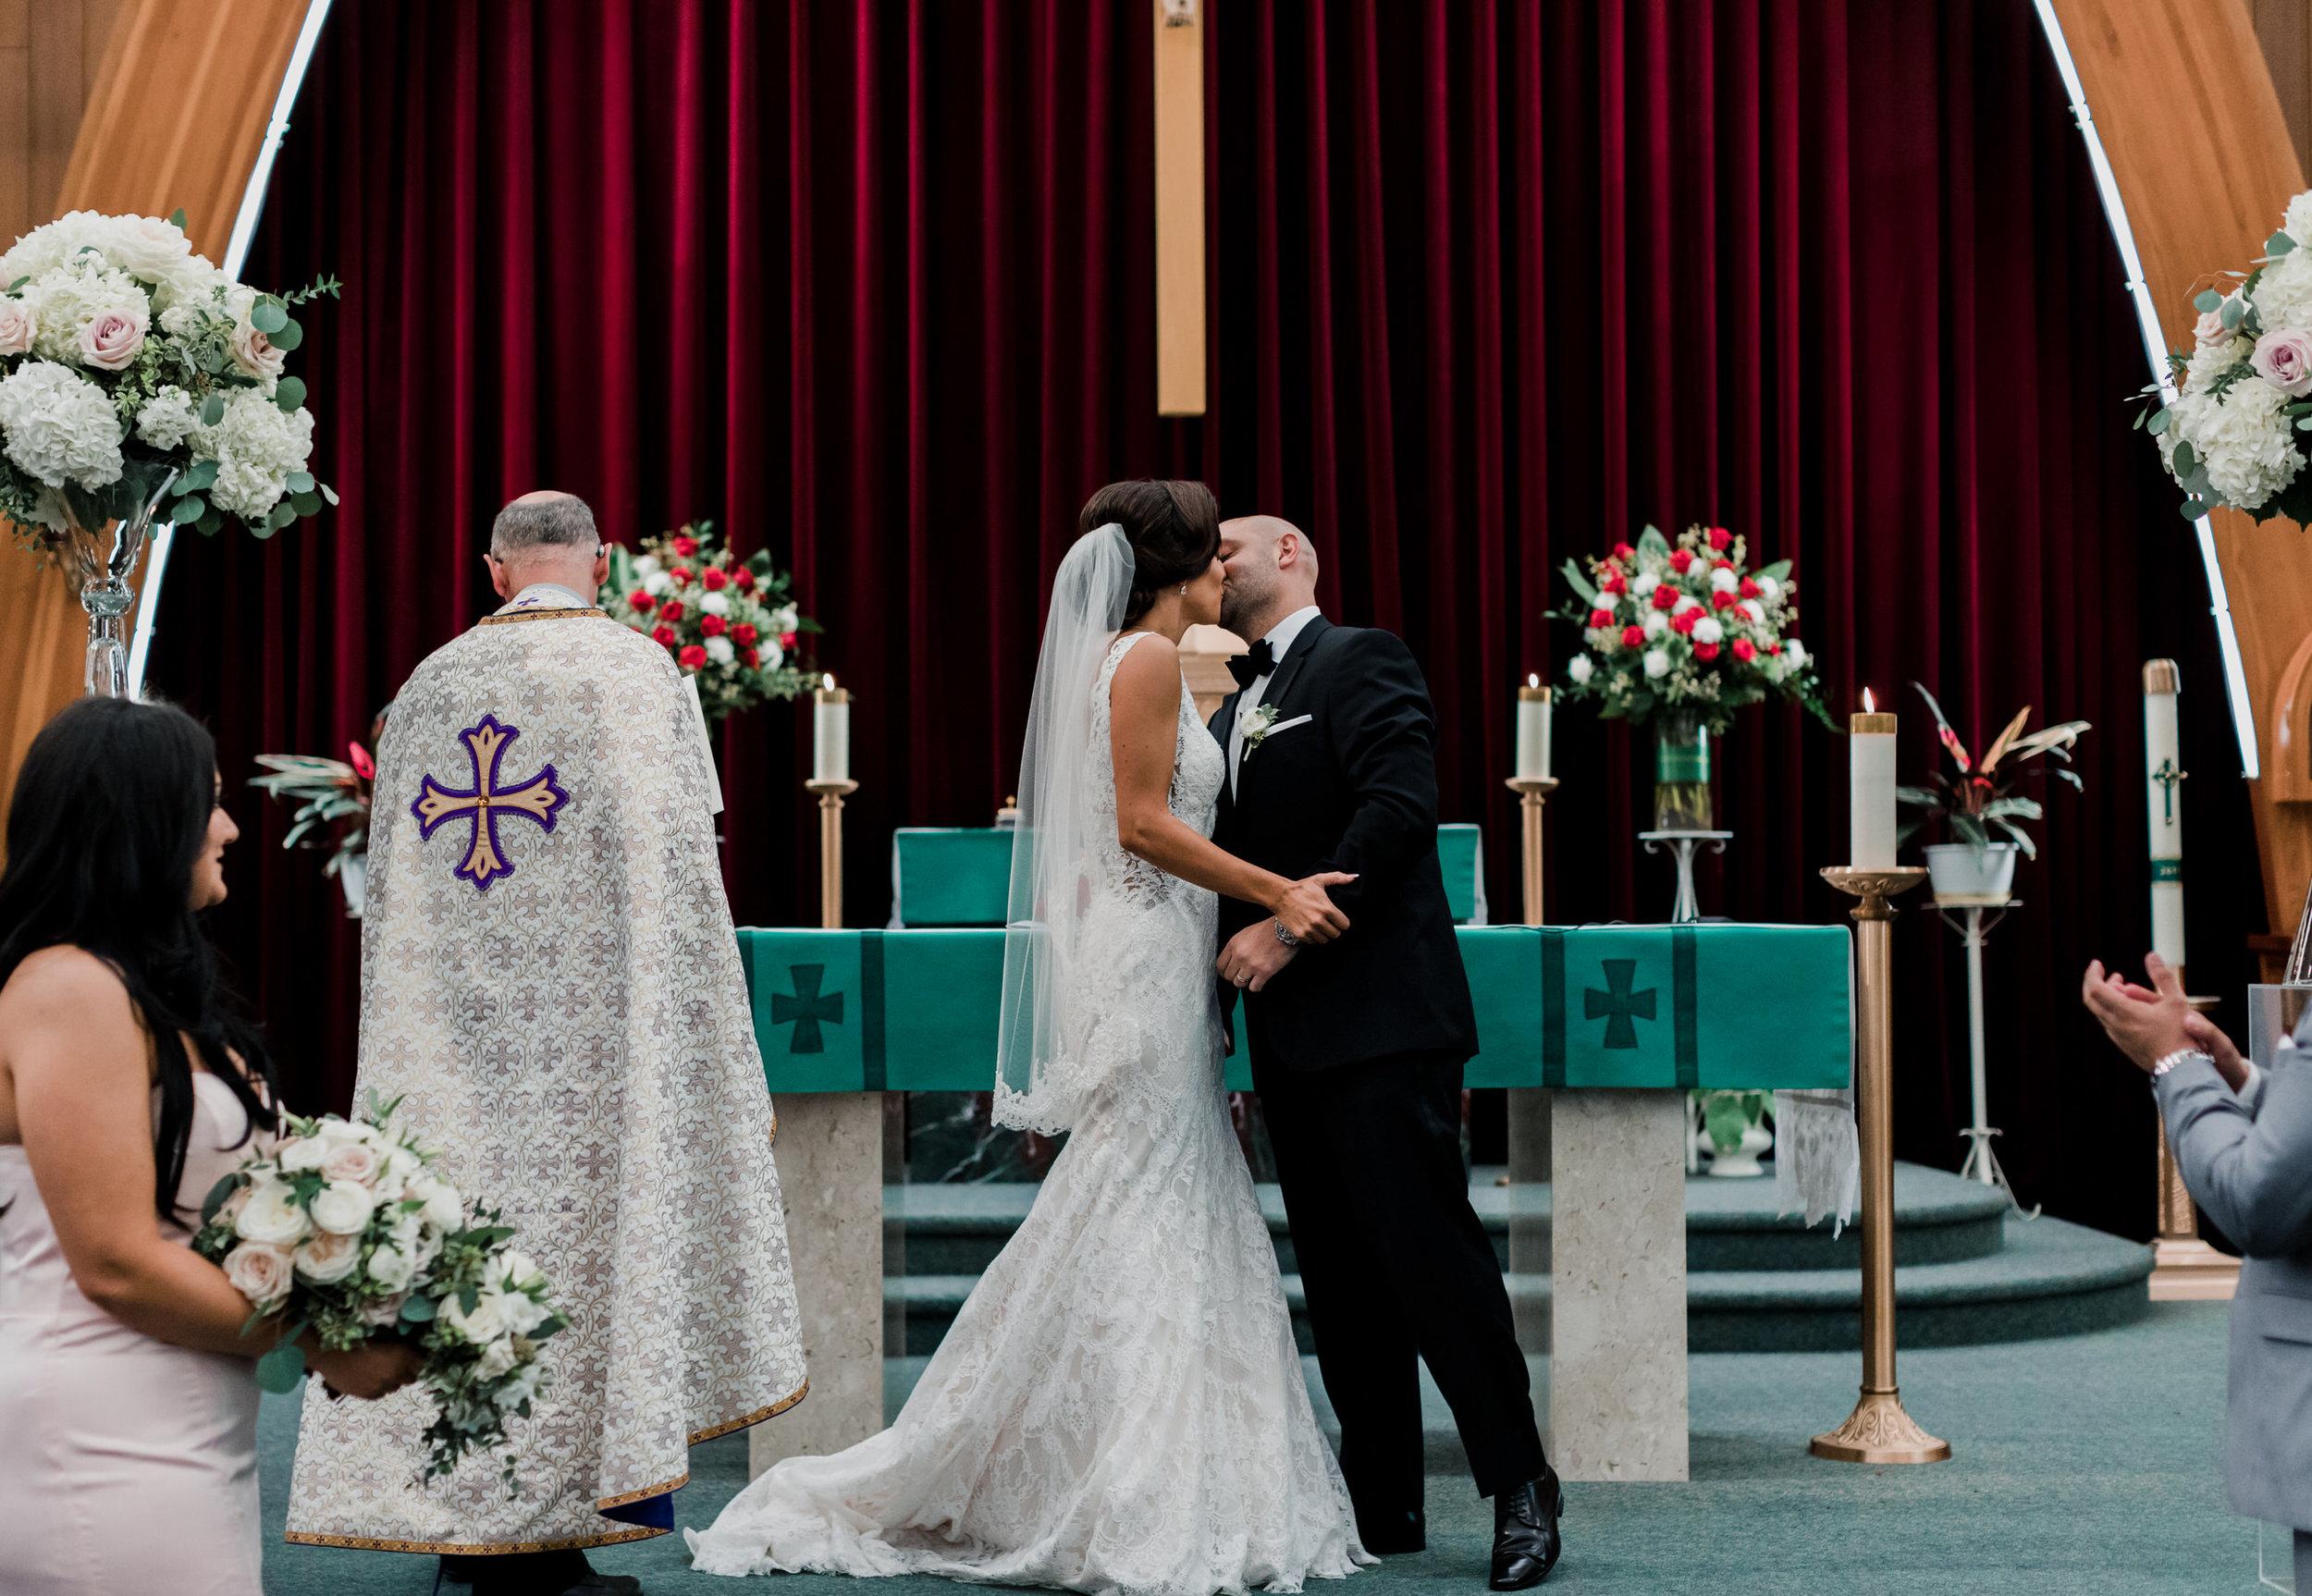 Pitt Meadows Wedding Photographer - Sky Hangar Wedding Photos - Vancouver Wedding Photographer & Videographer - Sunshine Coast Wedding Photos - Sunshine Coast Wedding Photographer - Jennifer Picard Photography - 1A5A1330.jpg